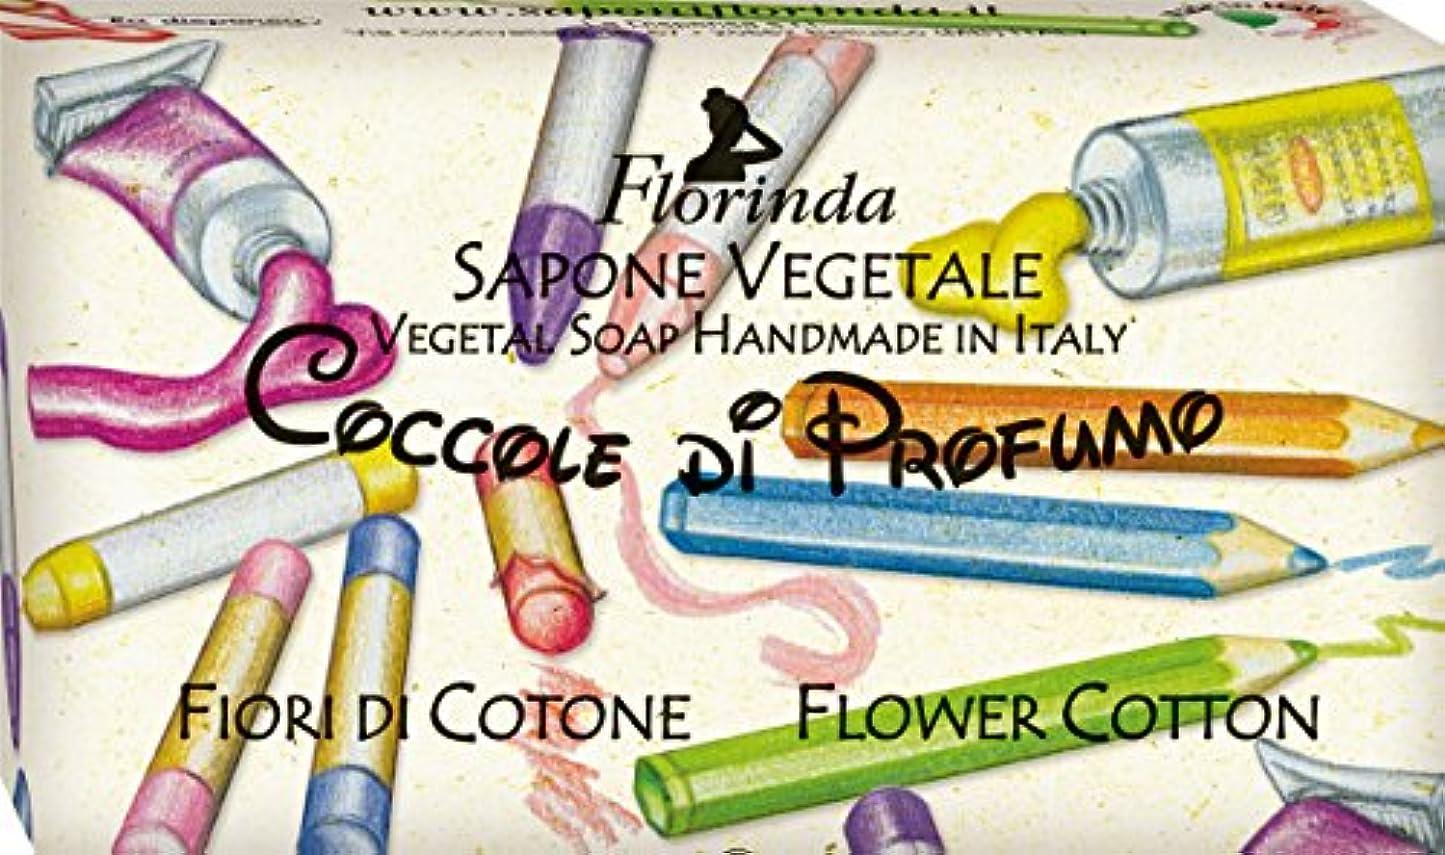 柔らかい足熱望するチキンフロリンダ フレグランスソープ おもちゃシリーズ フラワーコットン